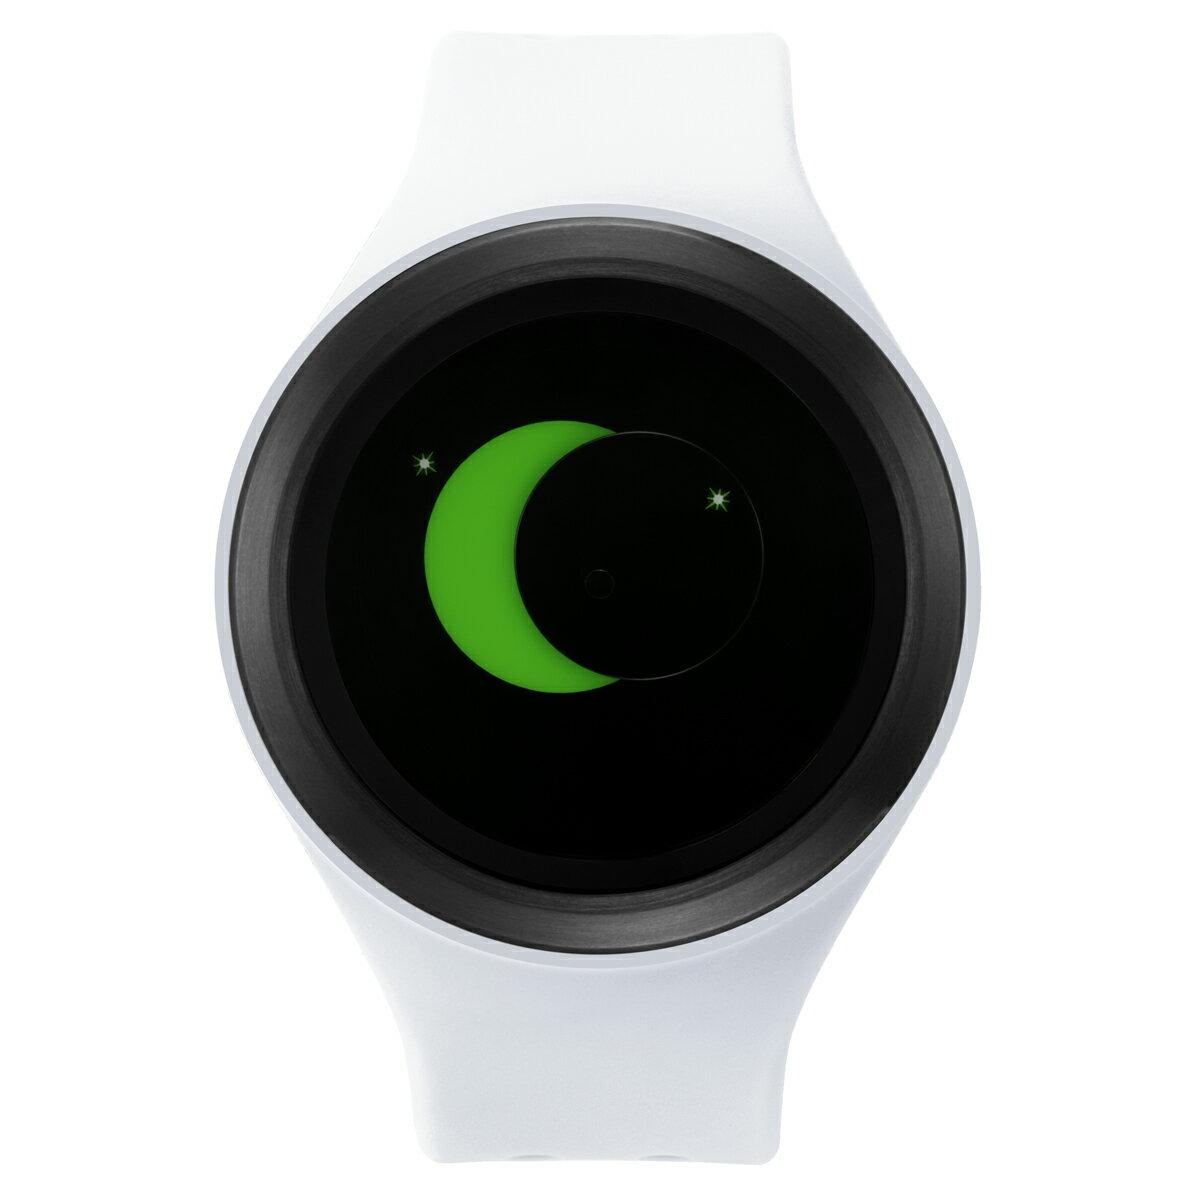 ZEROO SUPER MOON ゼロ 電池式クォーツ 腕時計 [W00203B03SR01] ホワイト デザインウォッチ ペア用 メンズ レディース ユニセックス おしゃれ時計 デザイナーズ